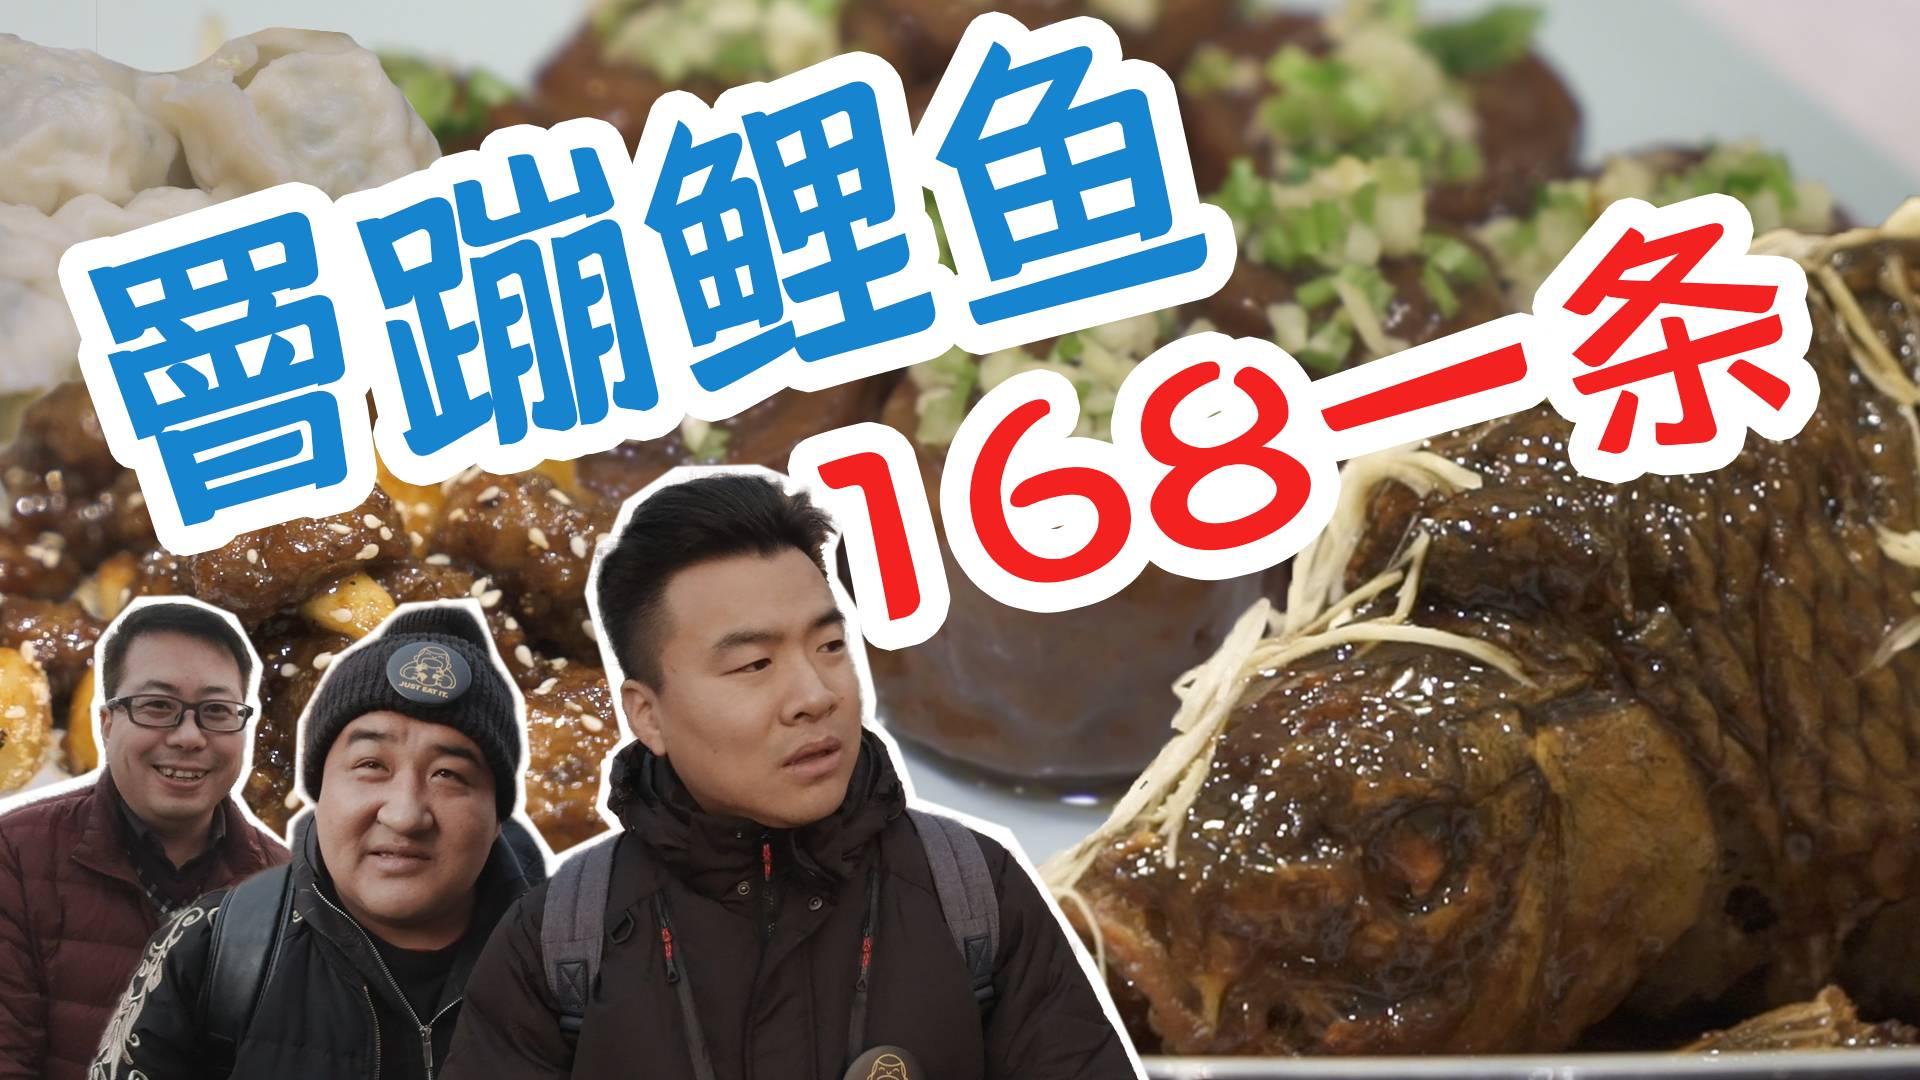 【吃货请闭眼】天津最牛罾蹦鲤鱼!168元一条色泽金黄皮脆无比,尾巴都吃光了?